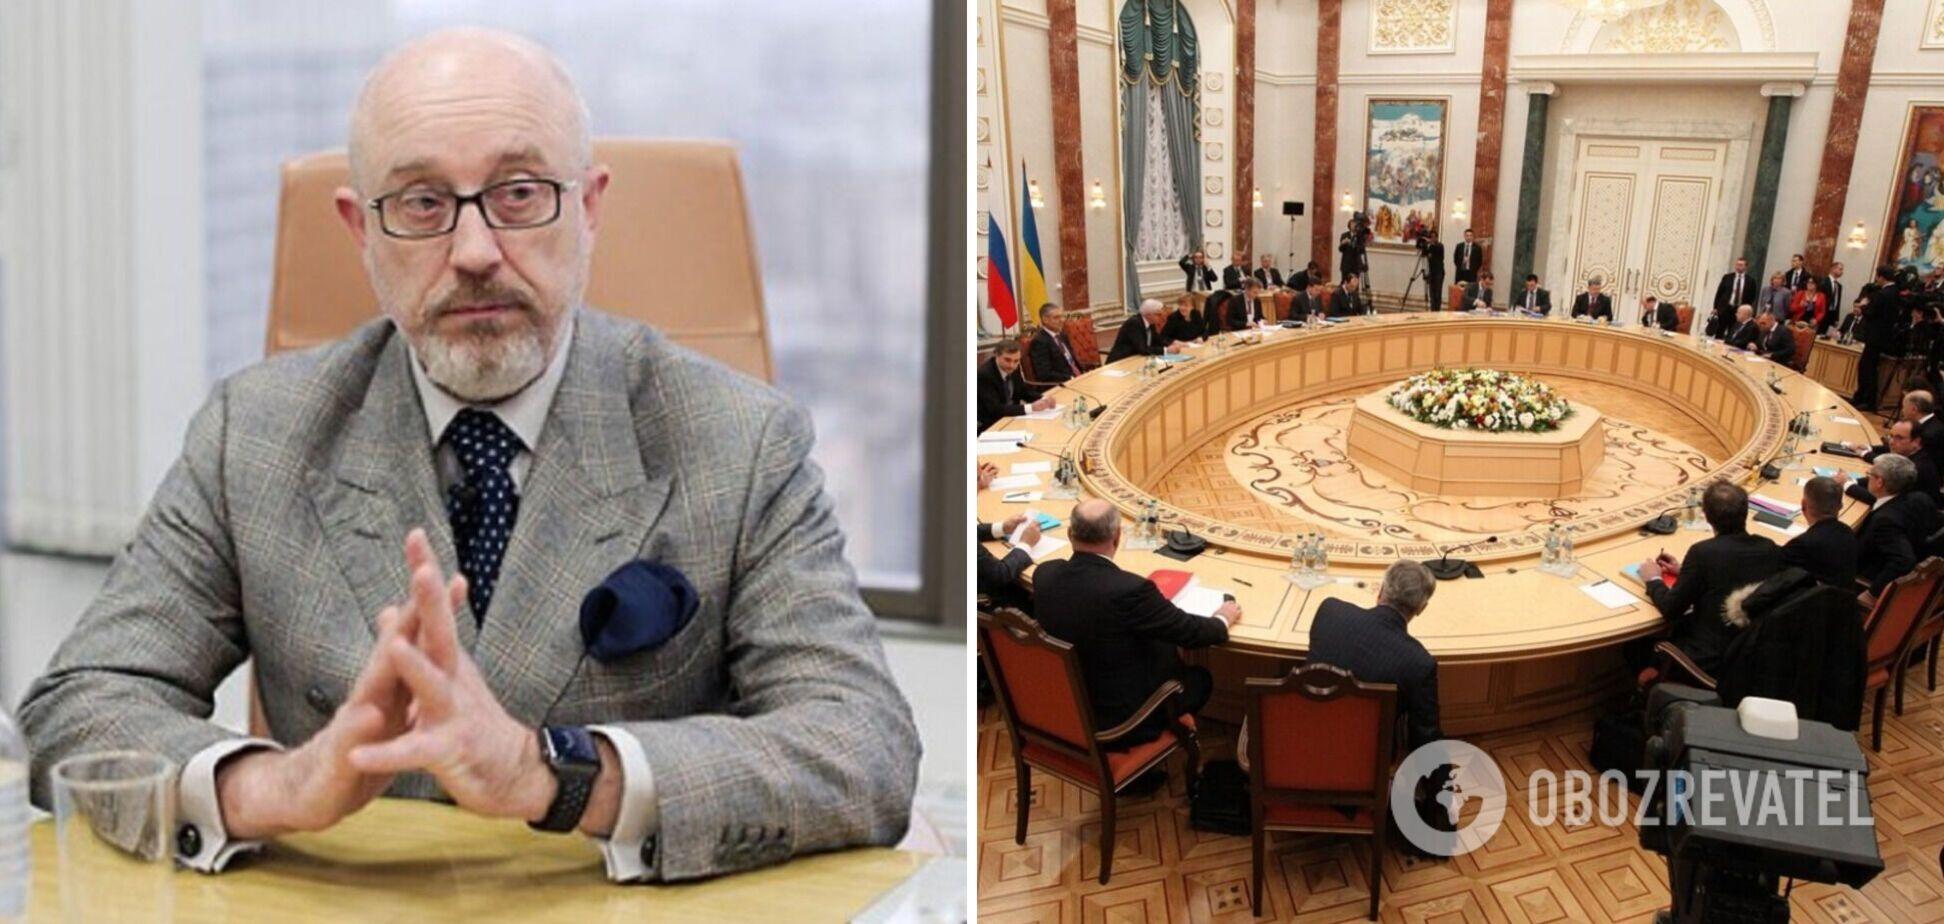 Резников: россияне в ТКГ уклоняются от прямых ответов и сидят перепуганными